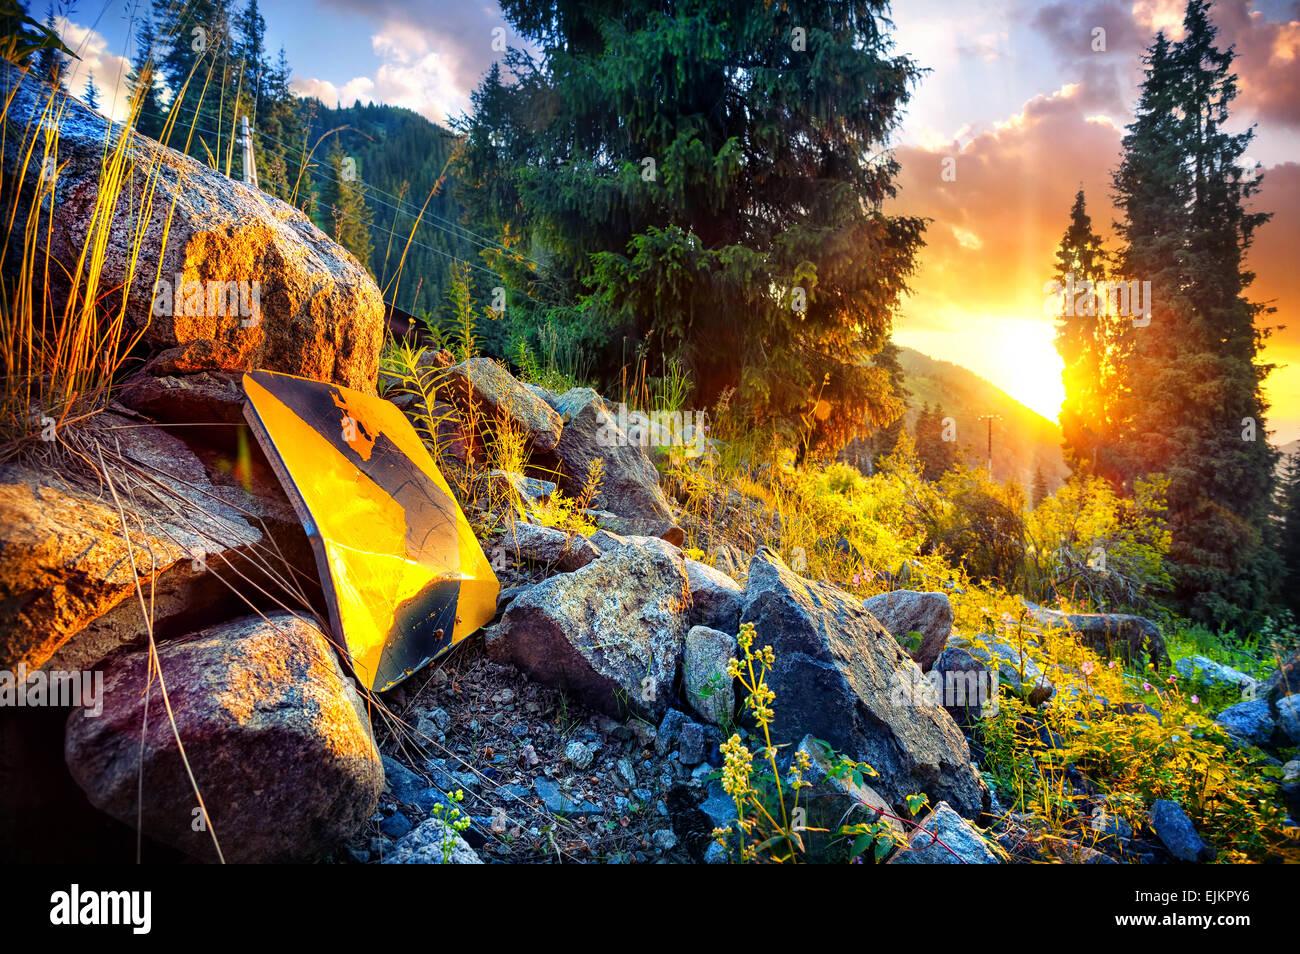 Señal de flecha apuntando a la puesta de sol en las montañas de Kazajstán Imagen De Stock